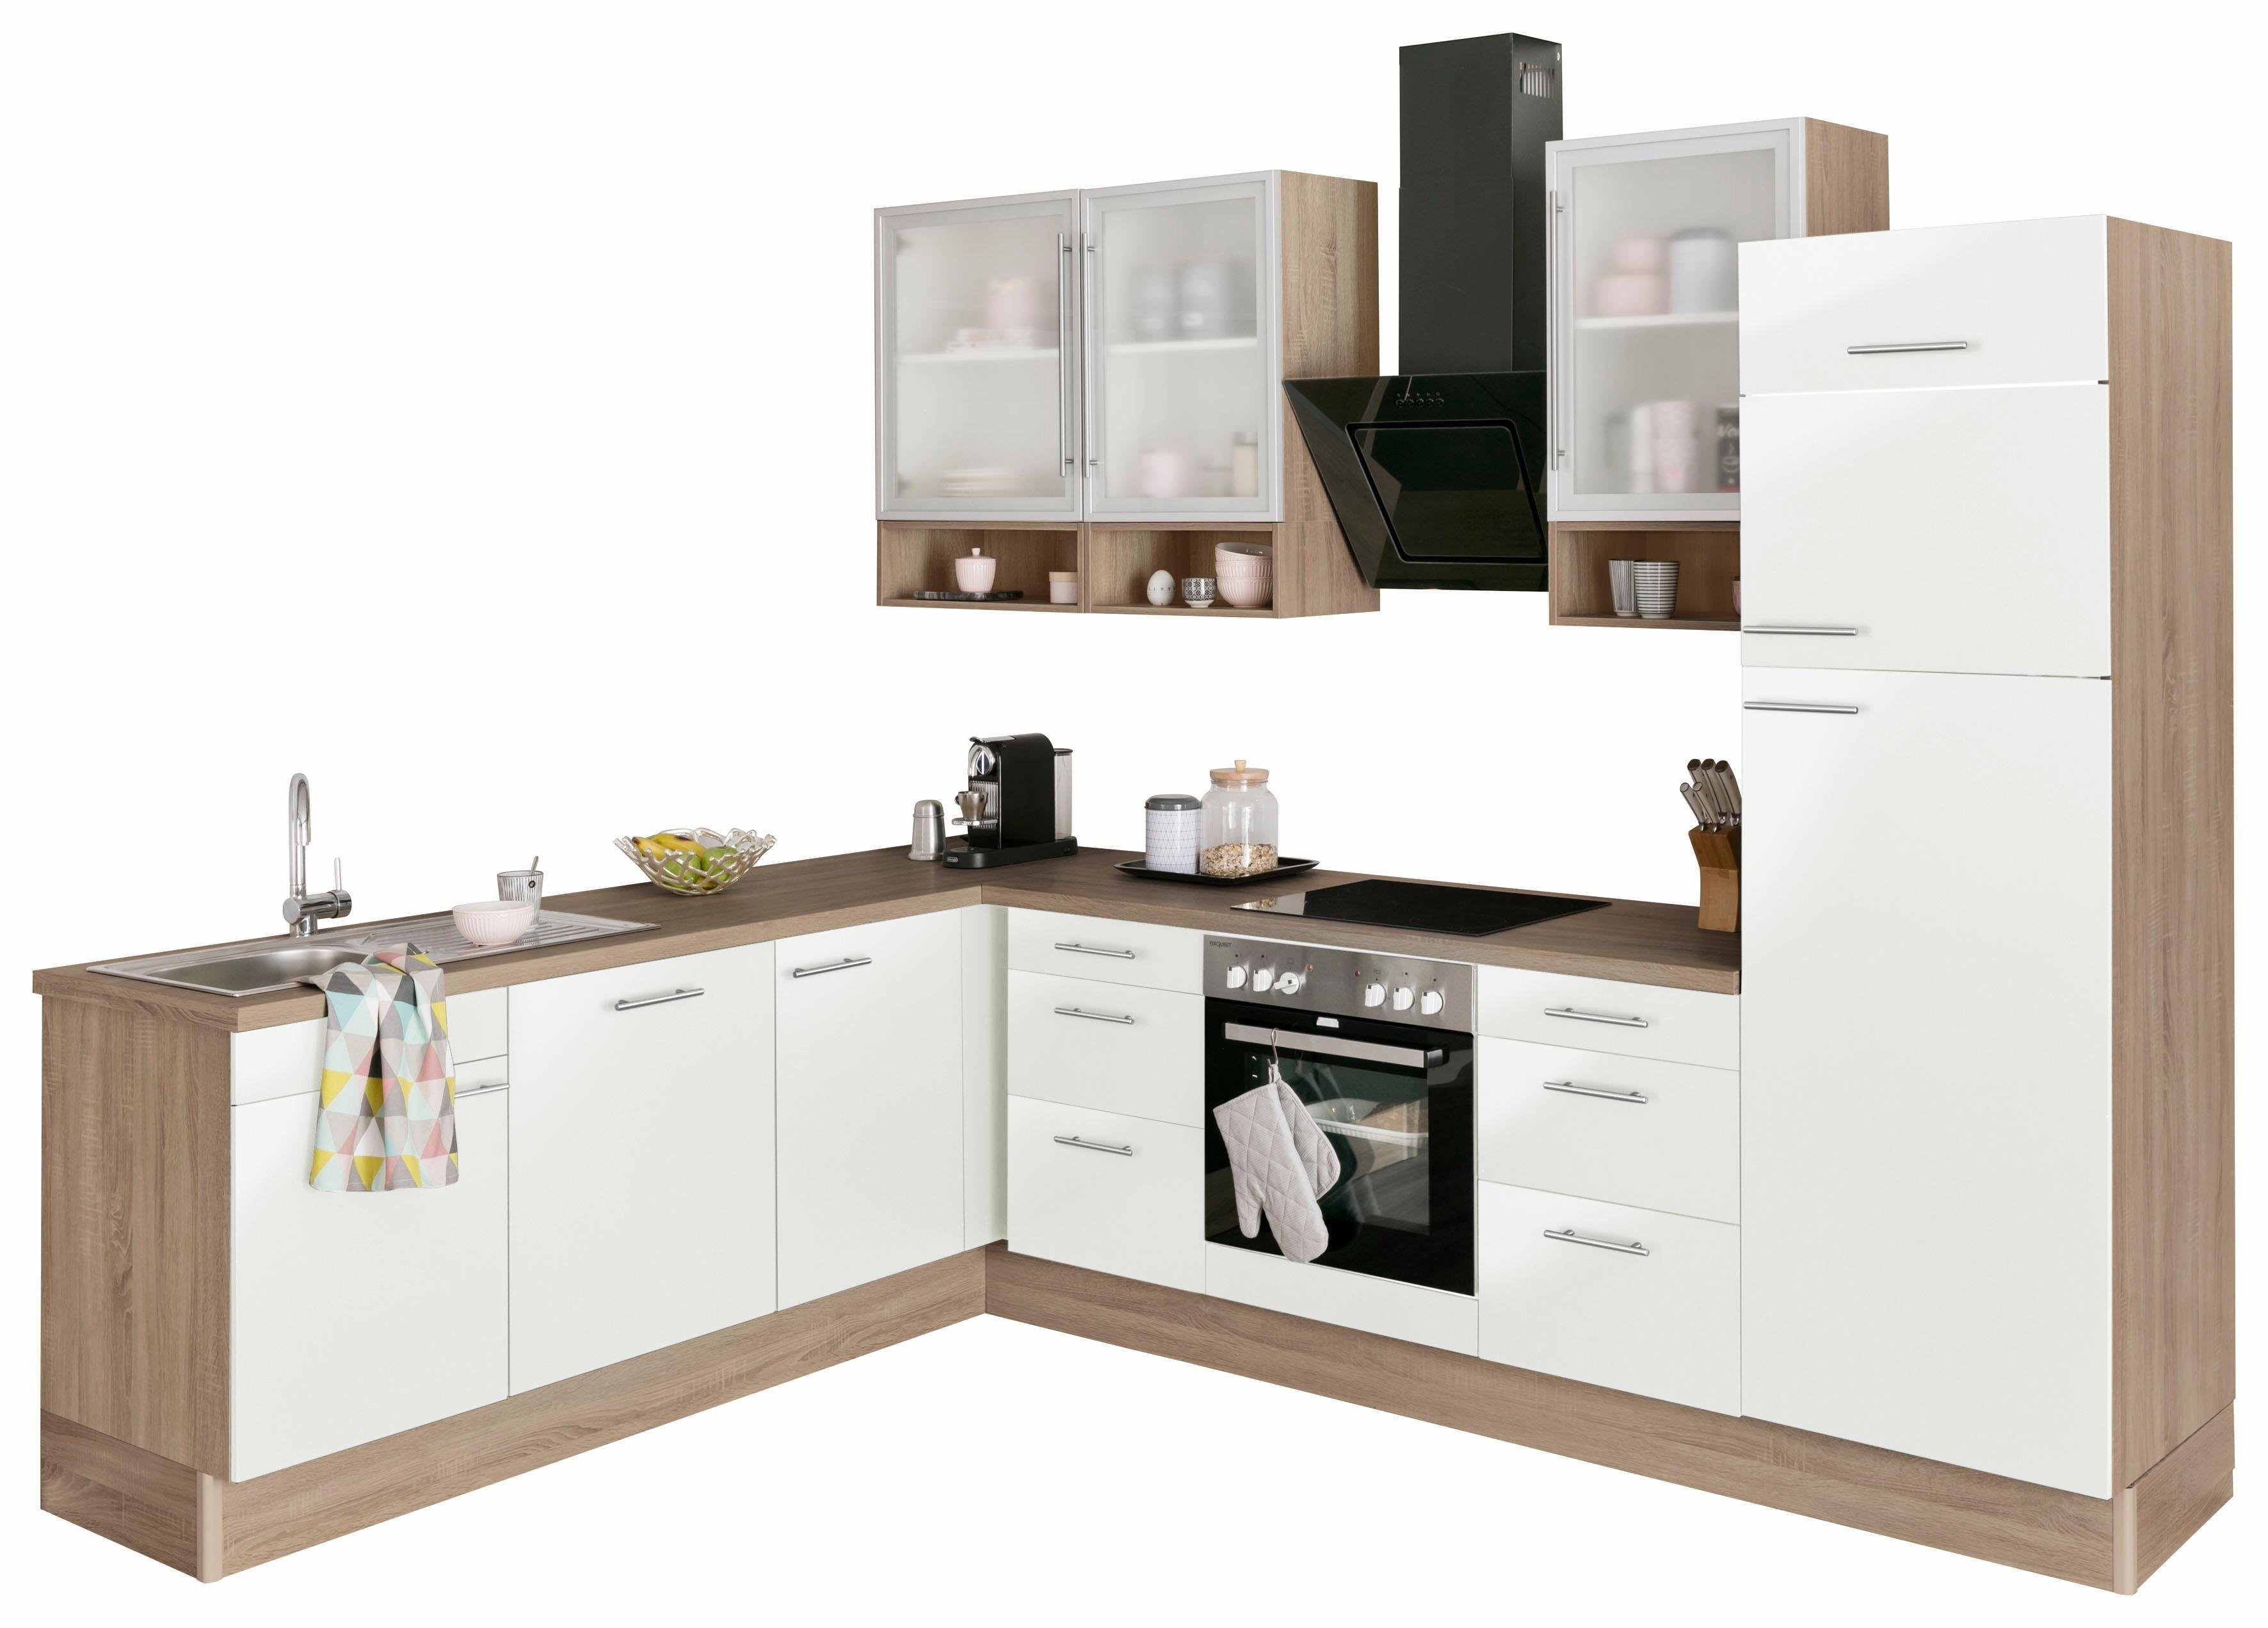 OPTIFIT Winkelküche ohne EGeräte »Aue« weiß, mit